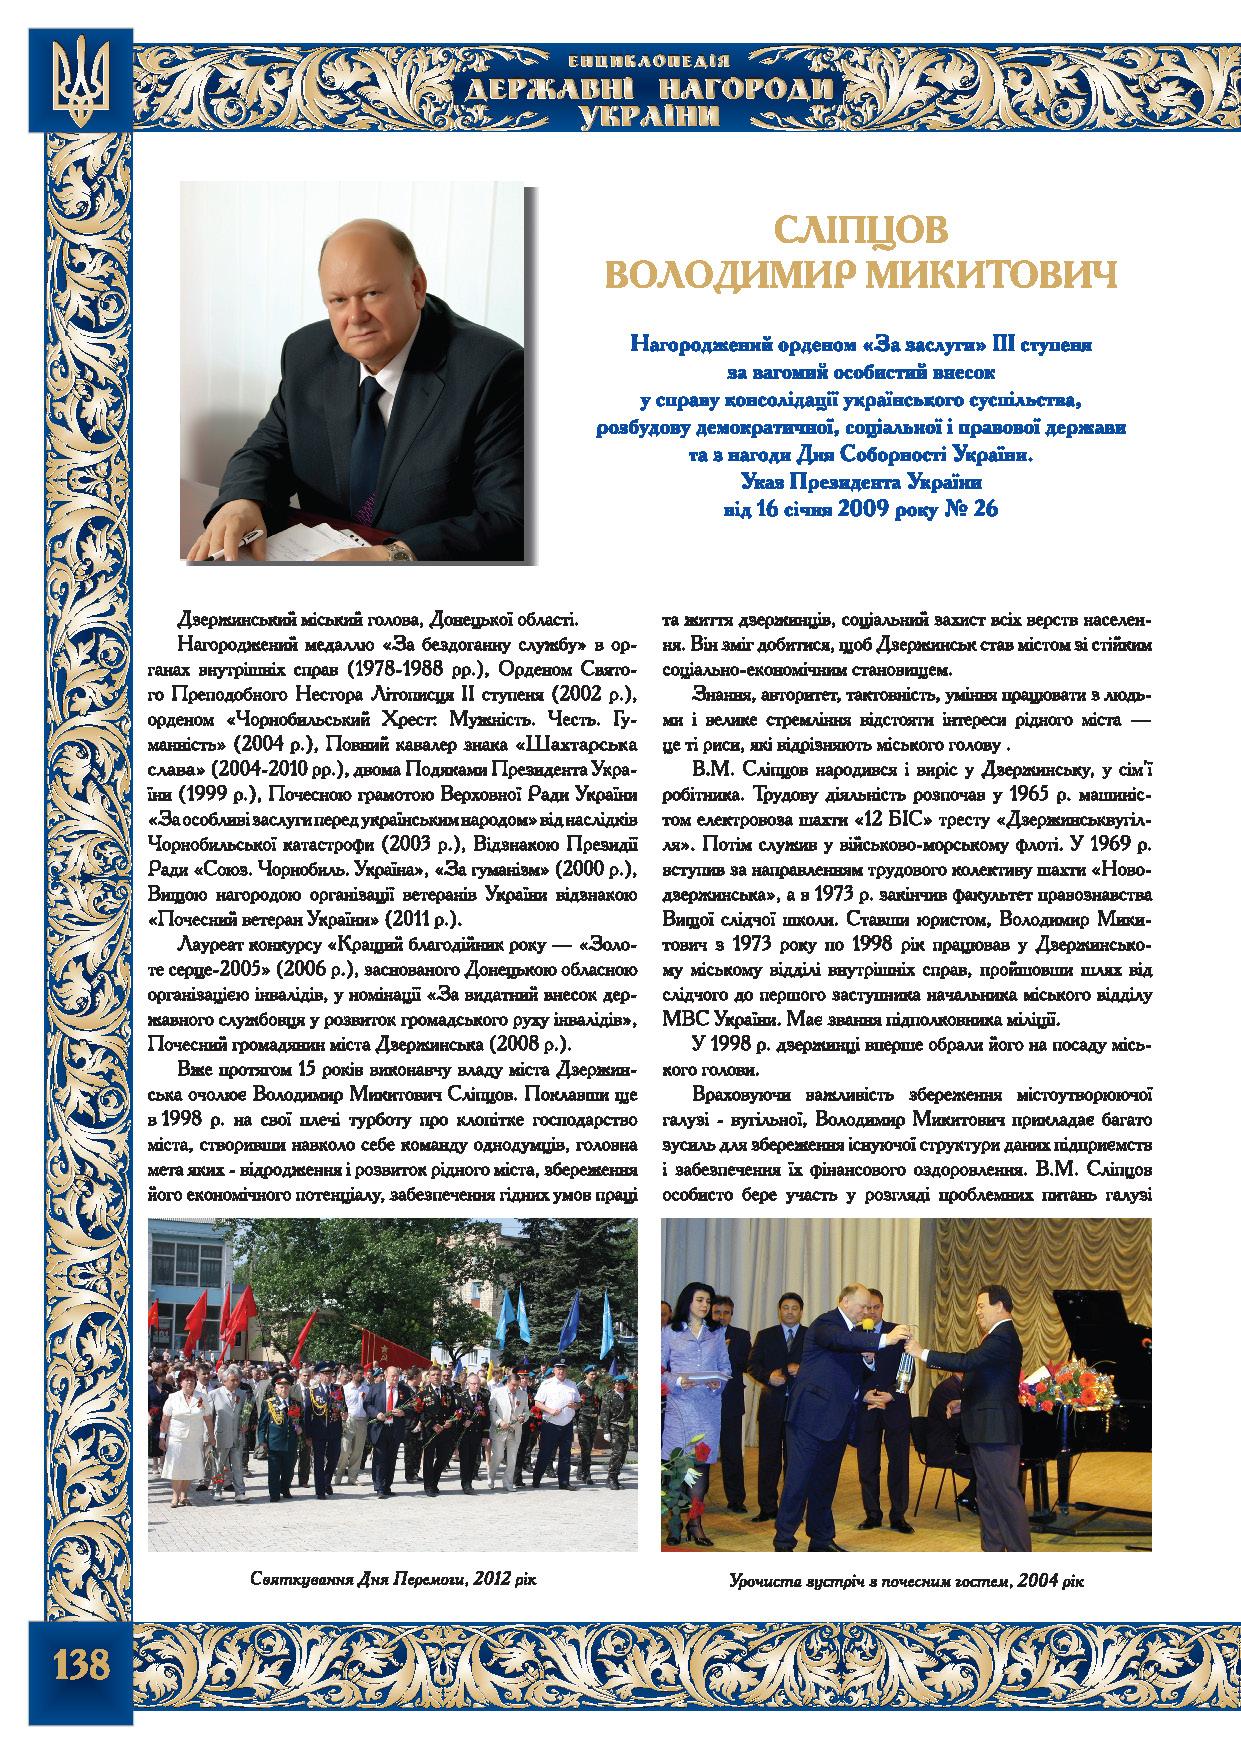 Сліпцов Володимир Микитович